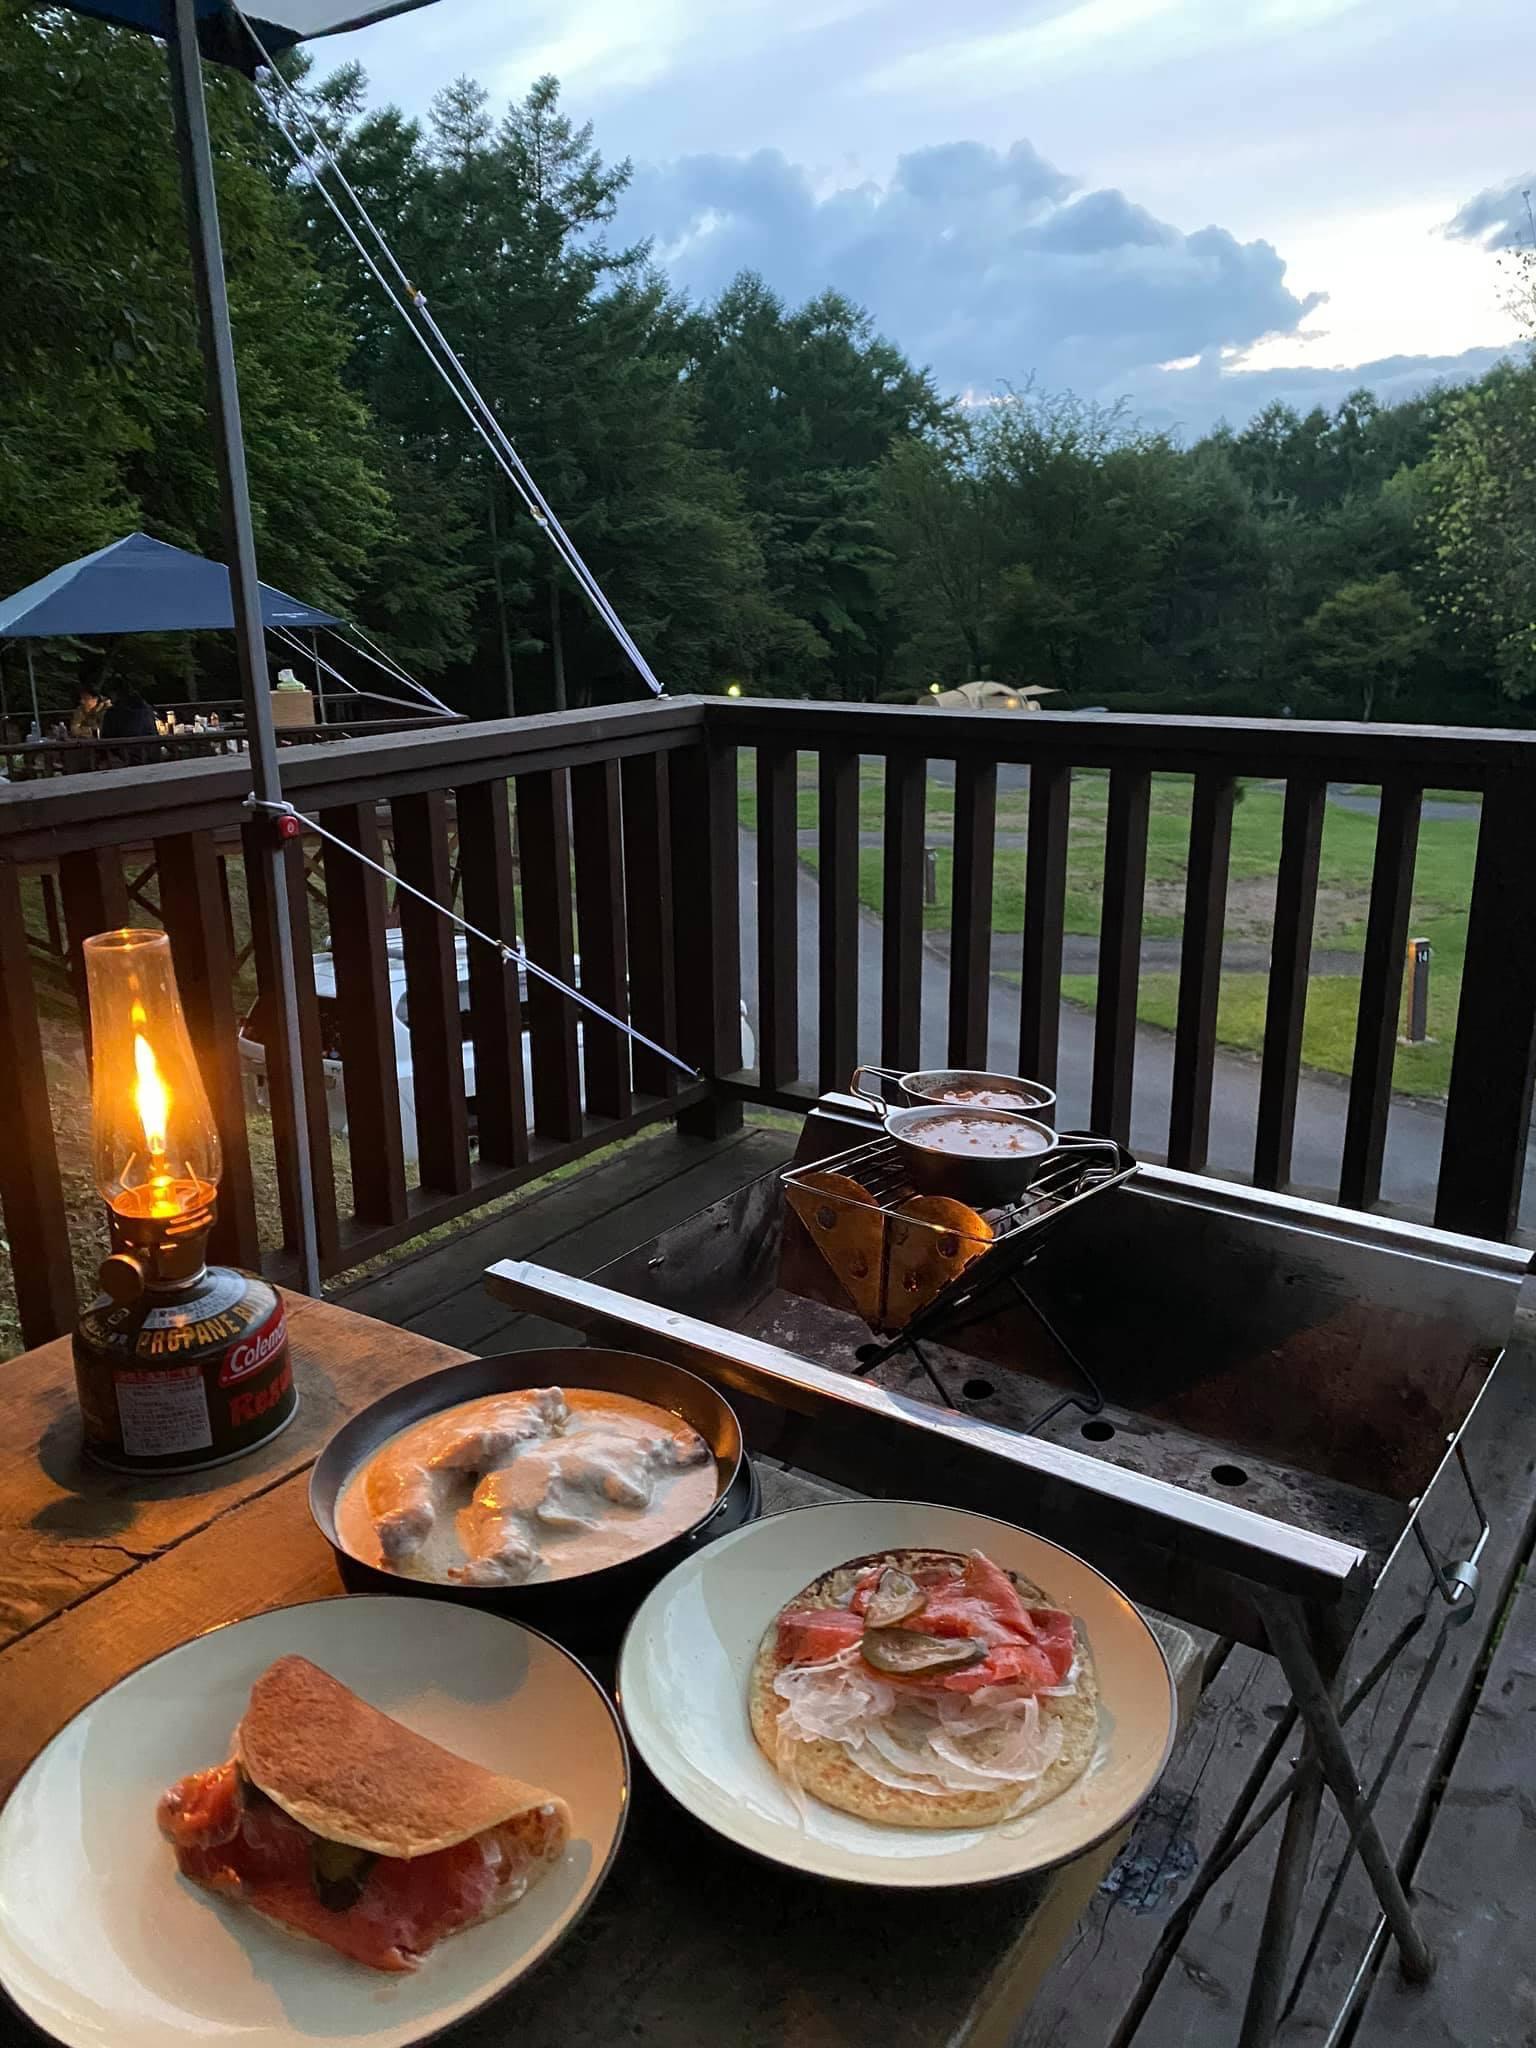 キャンプ! パックを開けて温めるだけで豪華なグランピングになりました。写真はジョージアの月夜セット。